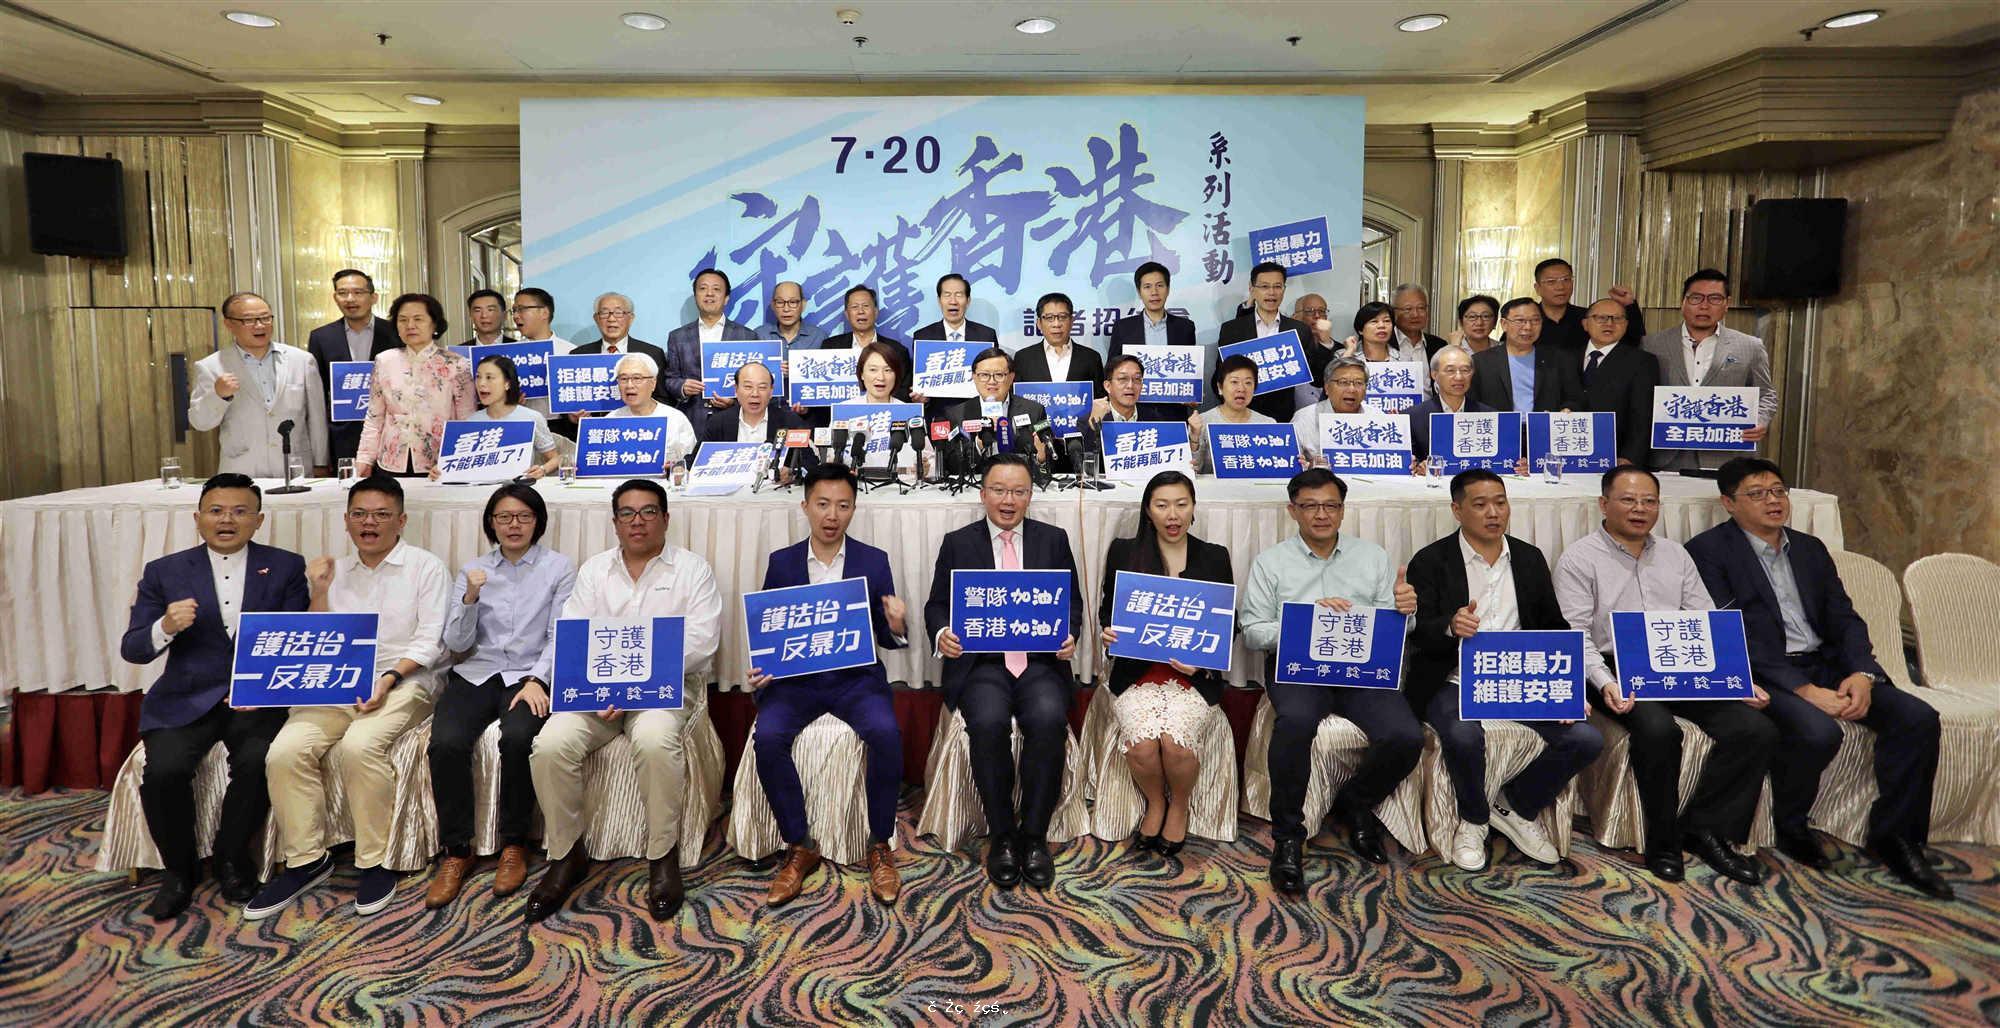 「守護香港」周六集會 反暴力撐警護法治-華發網繁體版